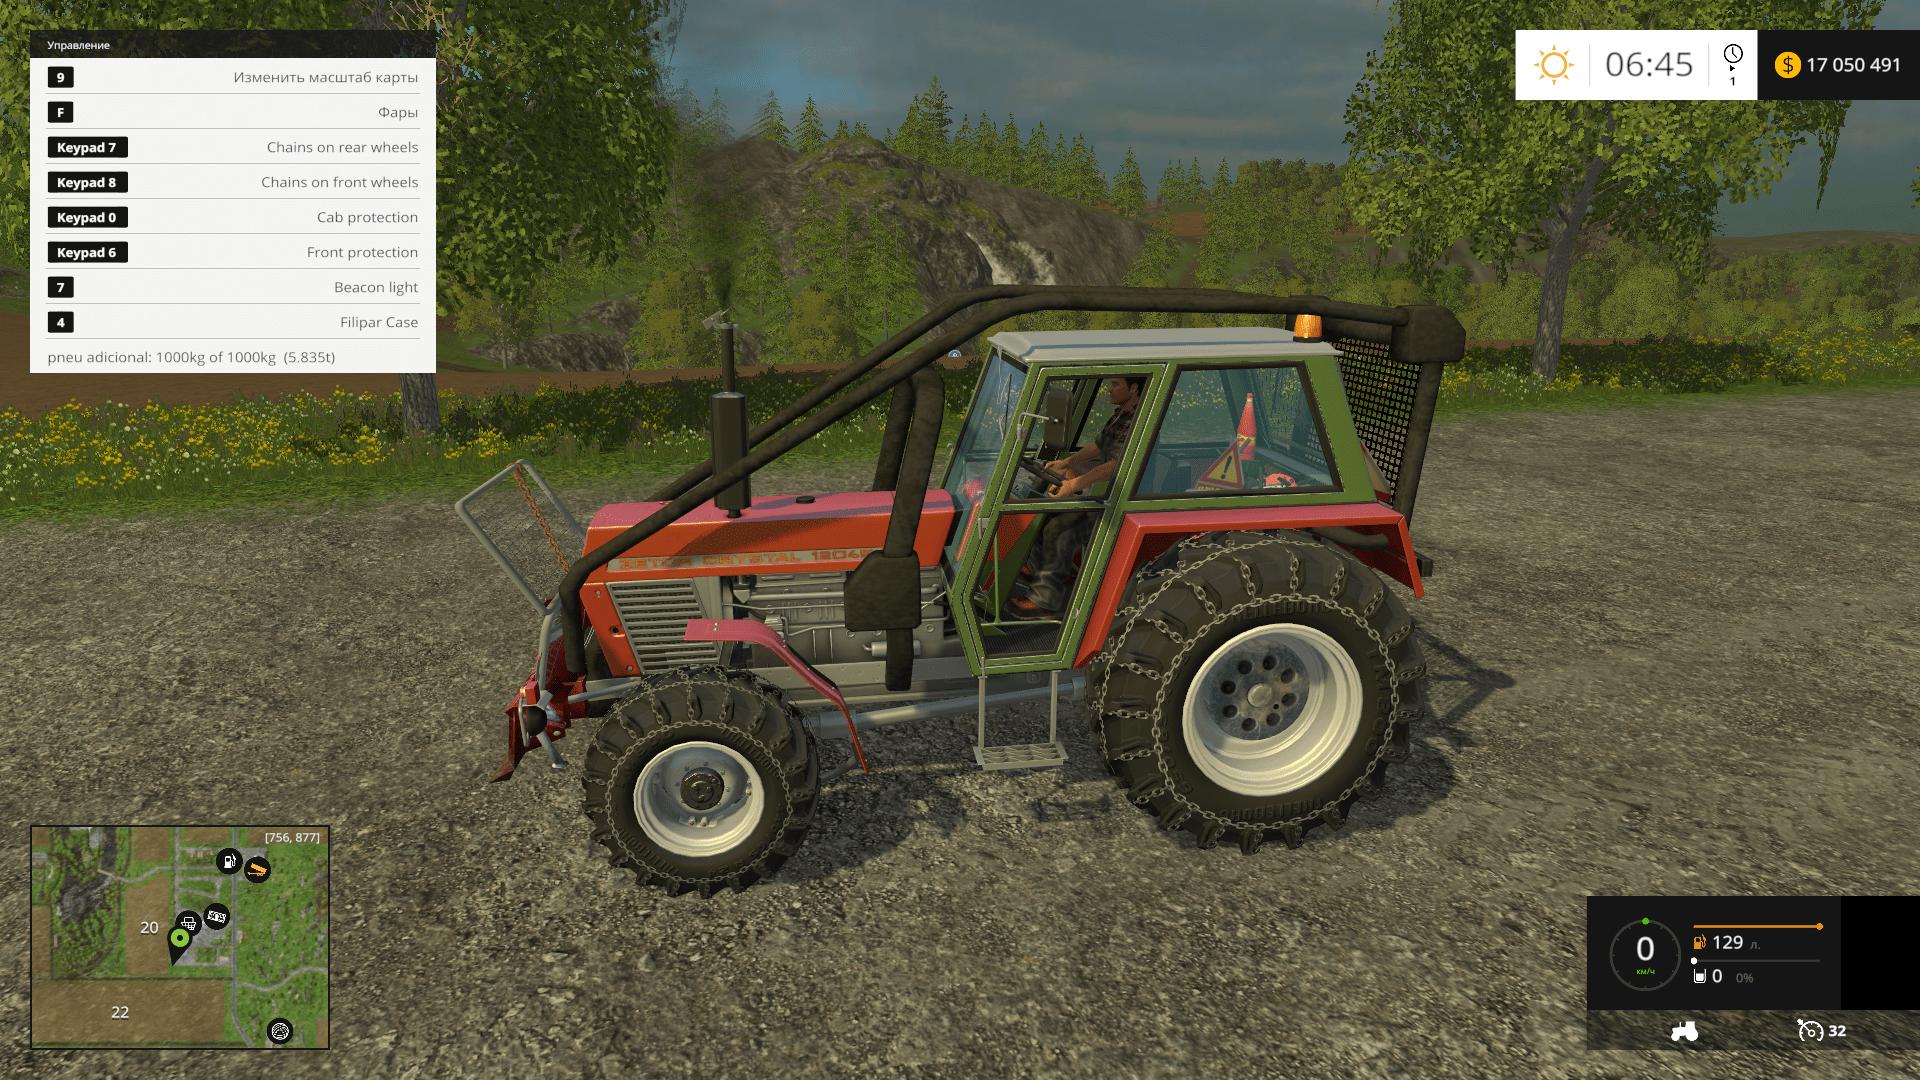 скачать моды на farming simulator 2015 на эвакуатор